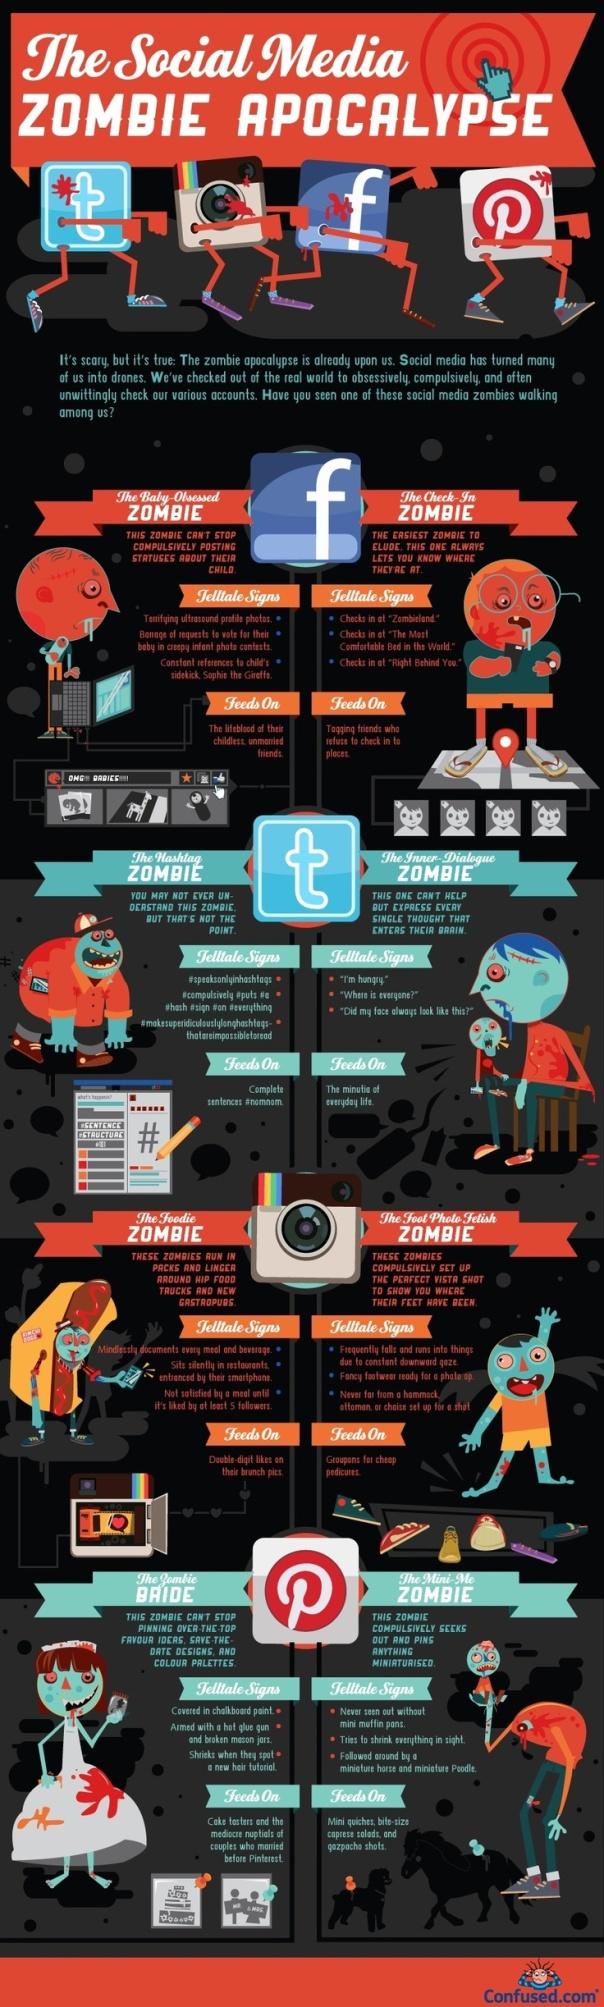 El apocalipsis del Social Media.. Zombies